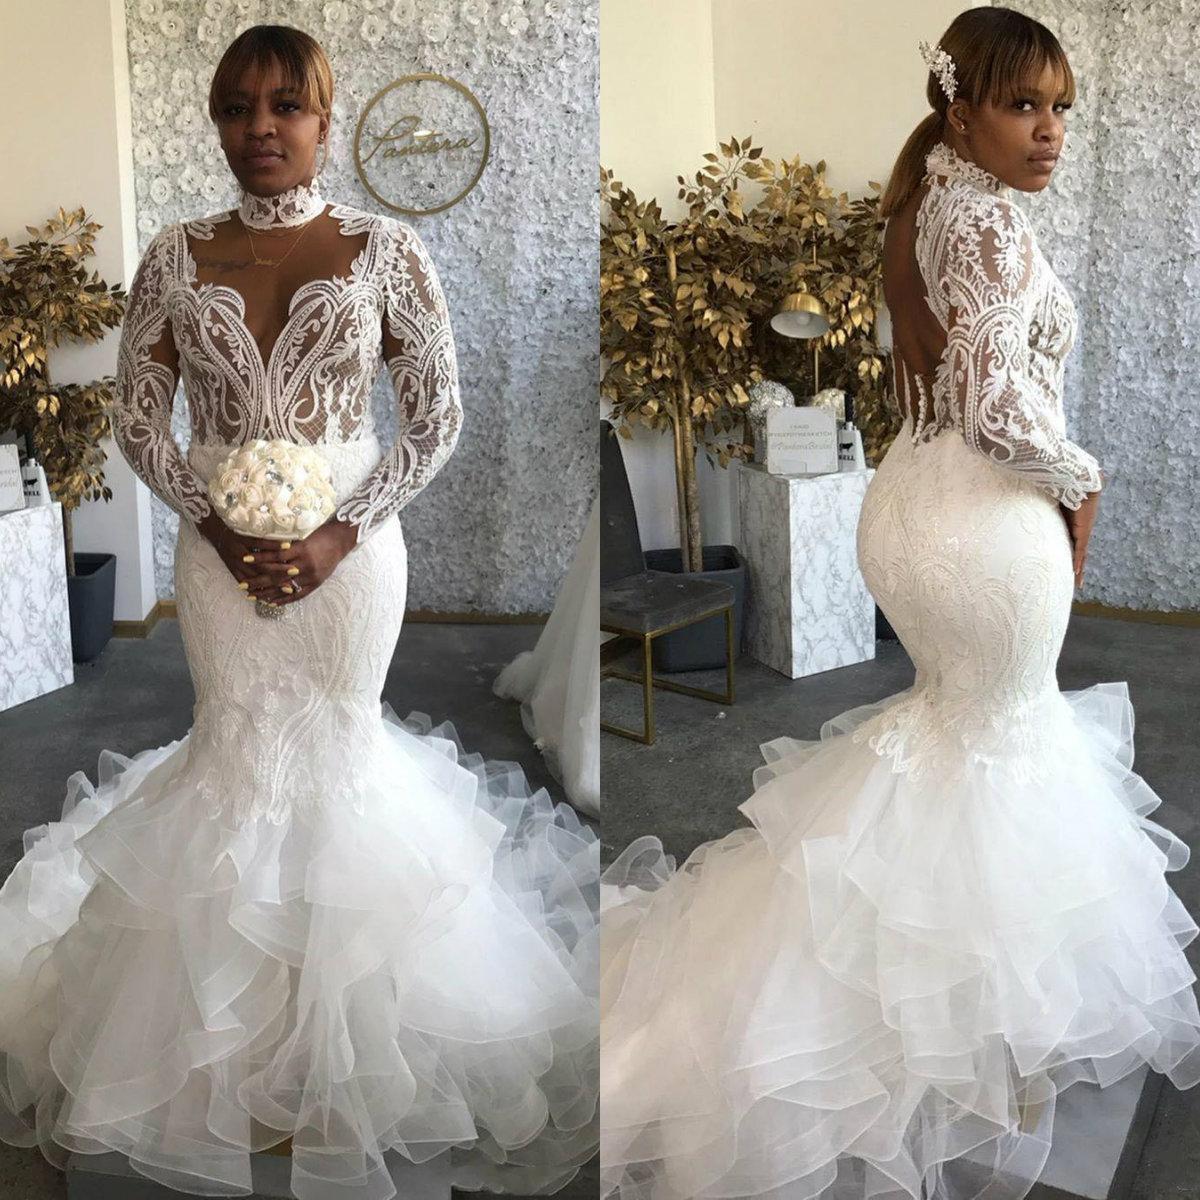 Hohe Kragen Mermaid Brautkleider Plus Size 2020 South African Lace Illusion Top Rüschen Sweep Zug Brautkleider Backless robe de mairee